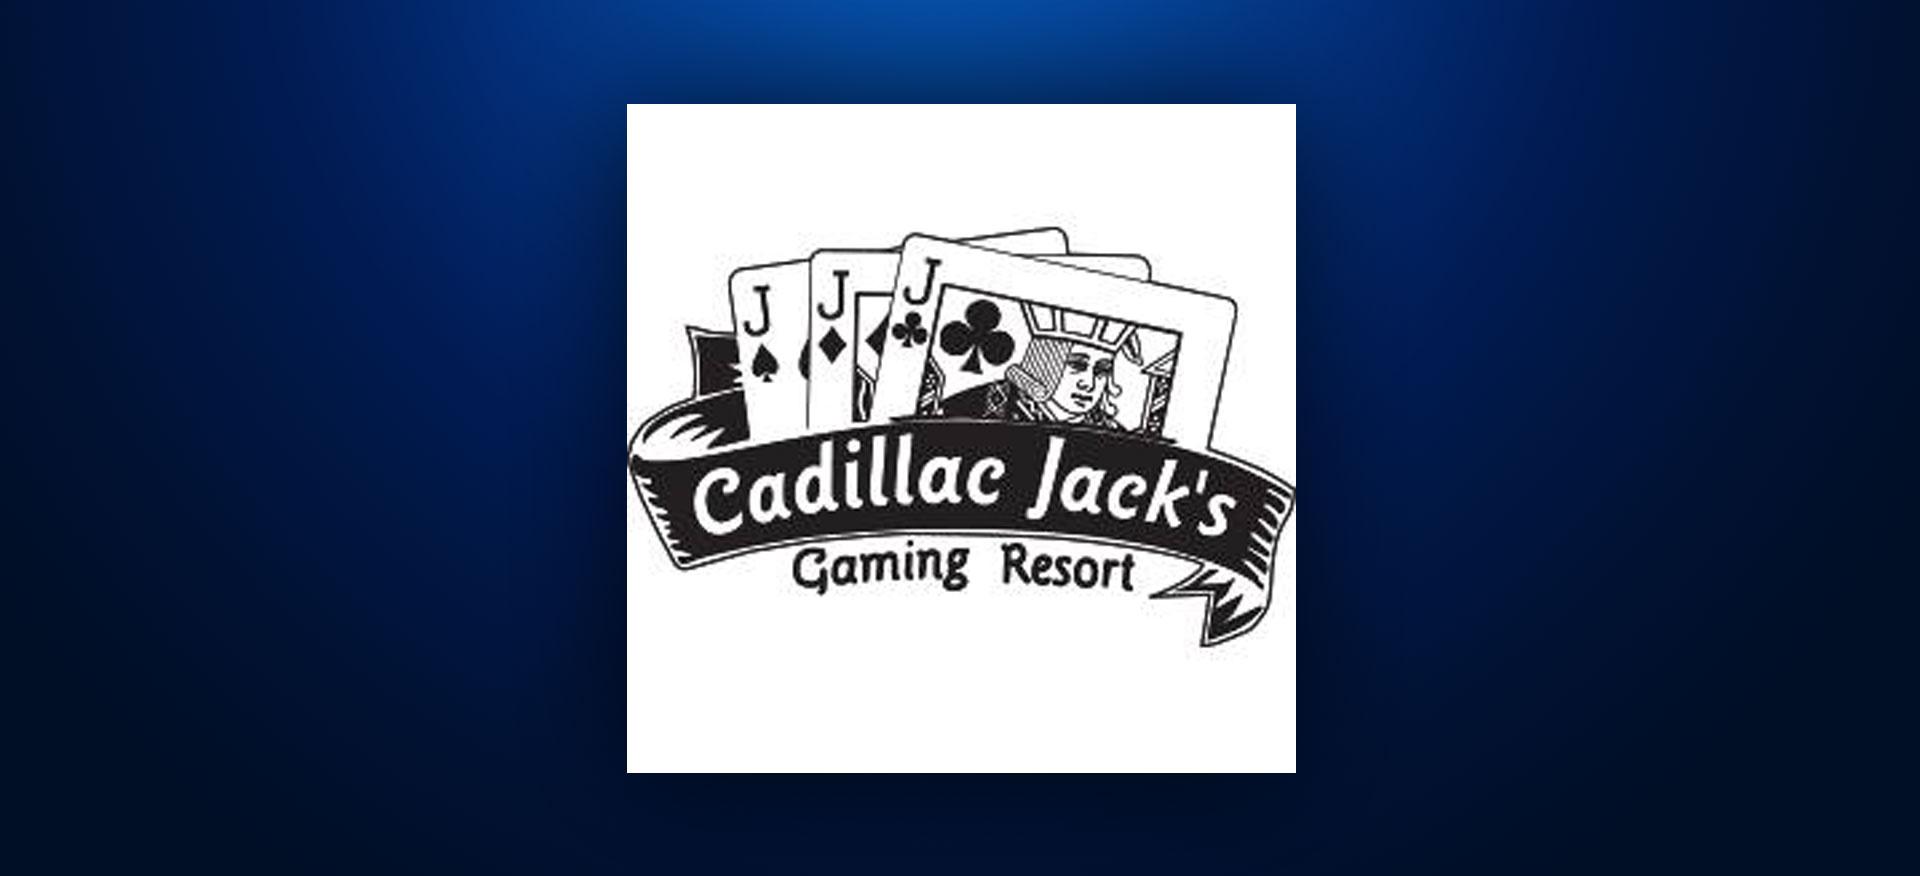 Cadillac Jacks Gaming Resort